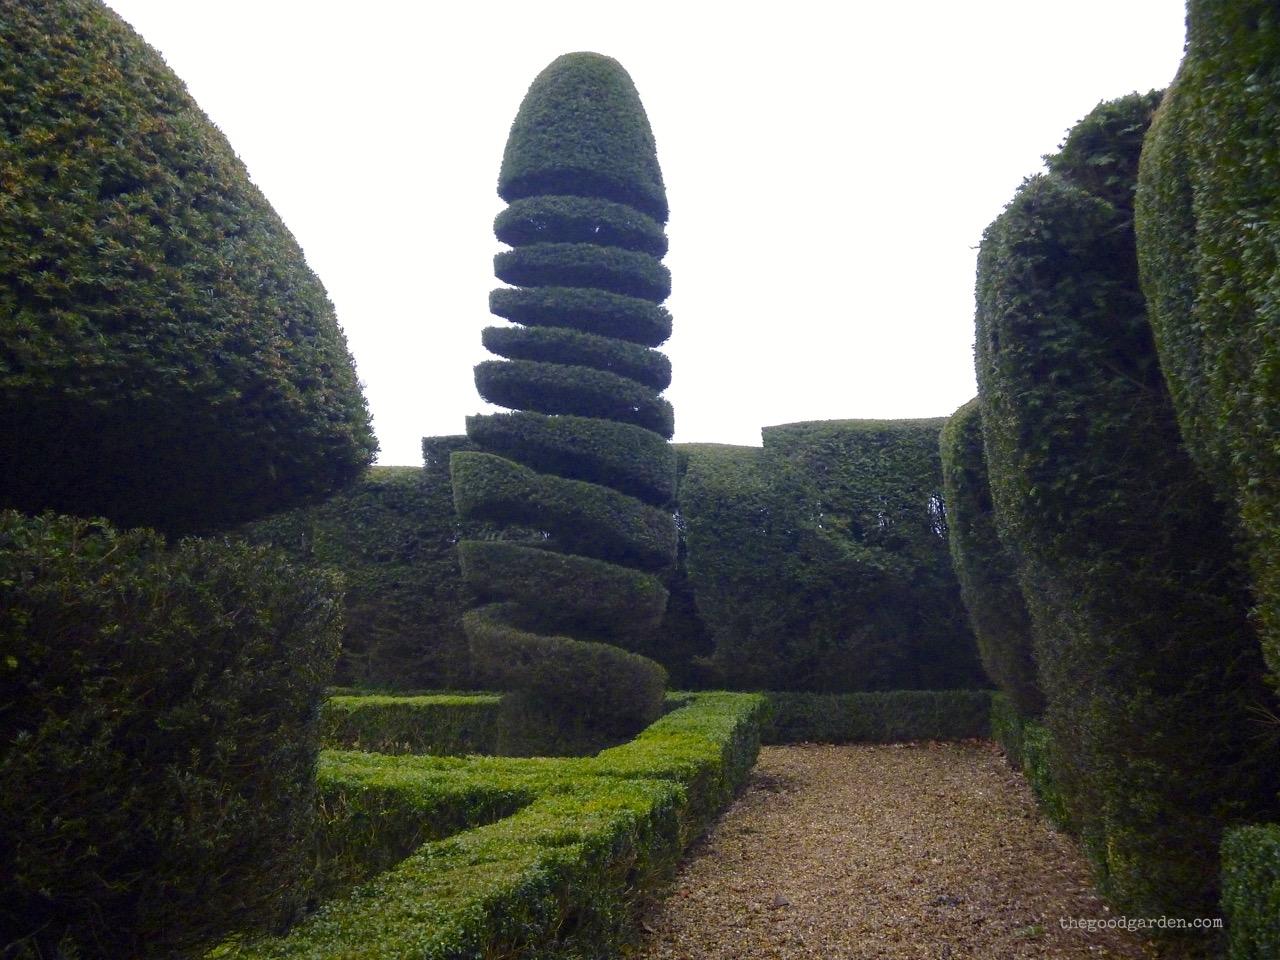 thegoodgarden|danesfieldhouse|uk|davidcalle|0862.jpg